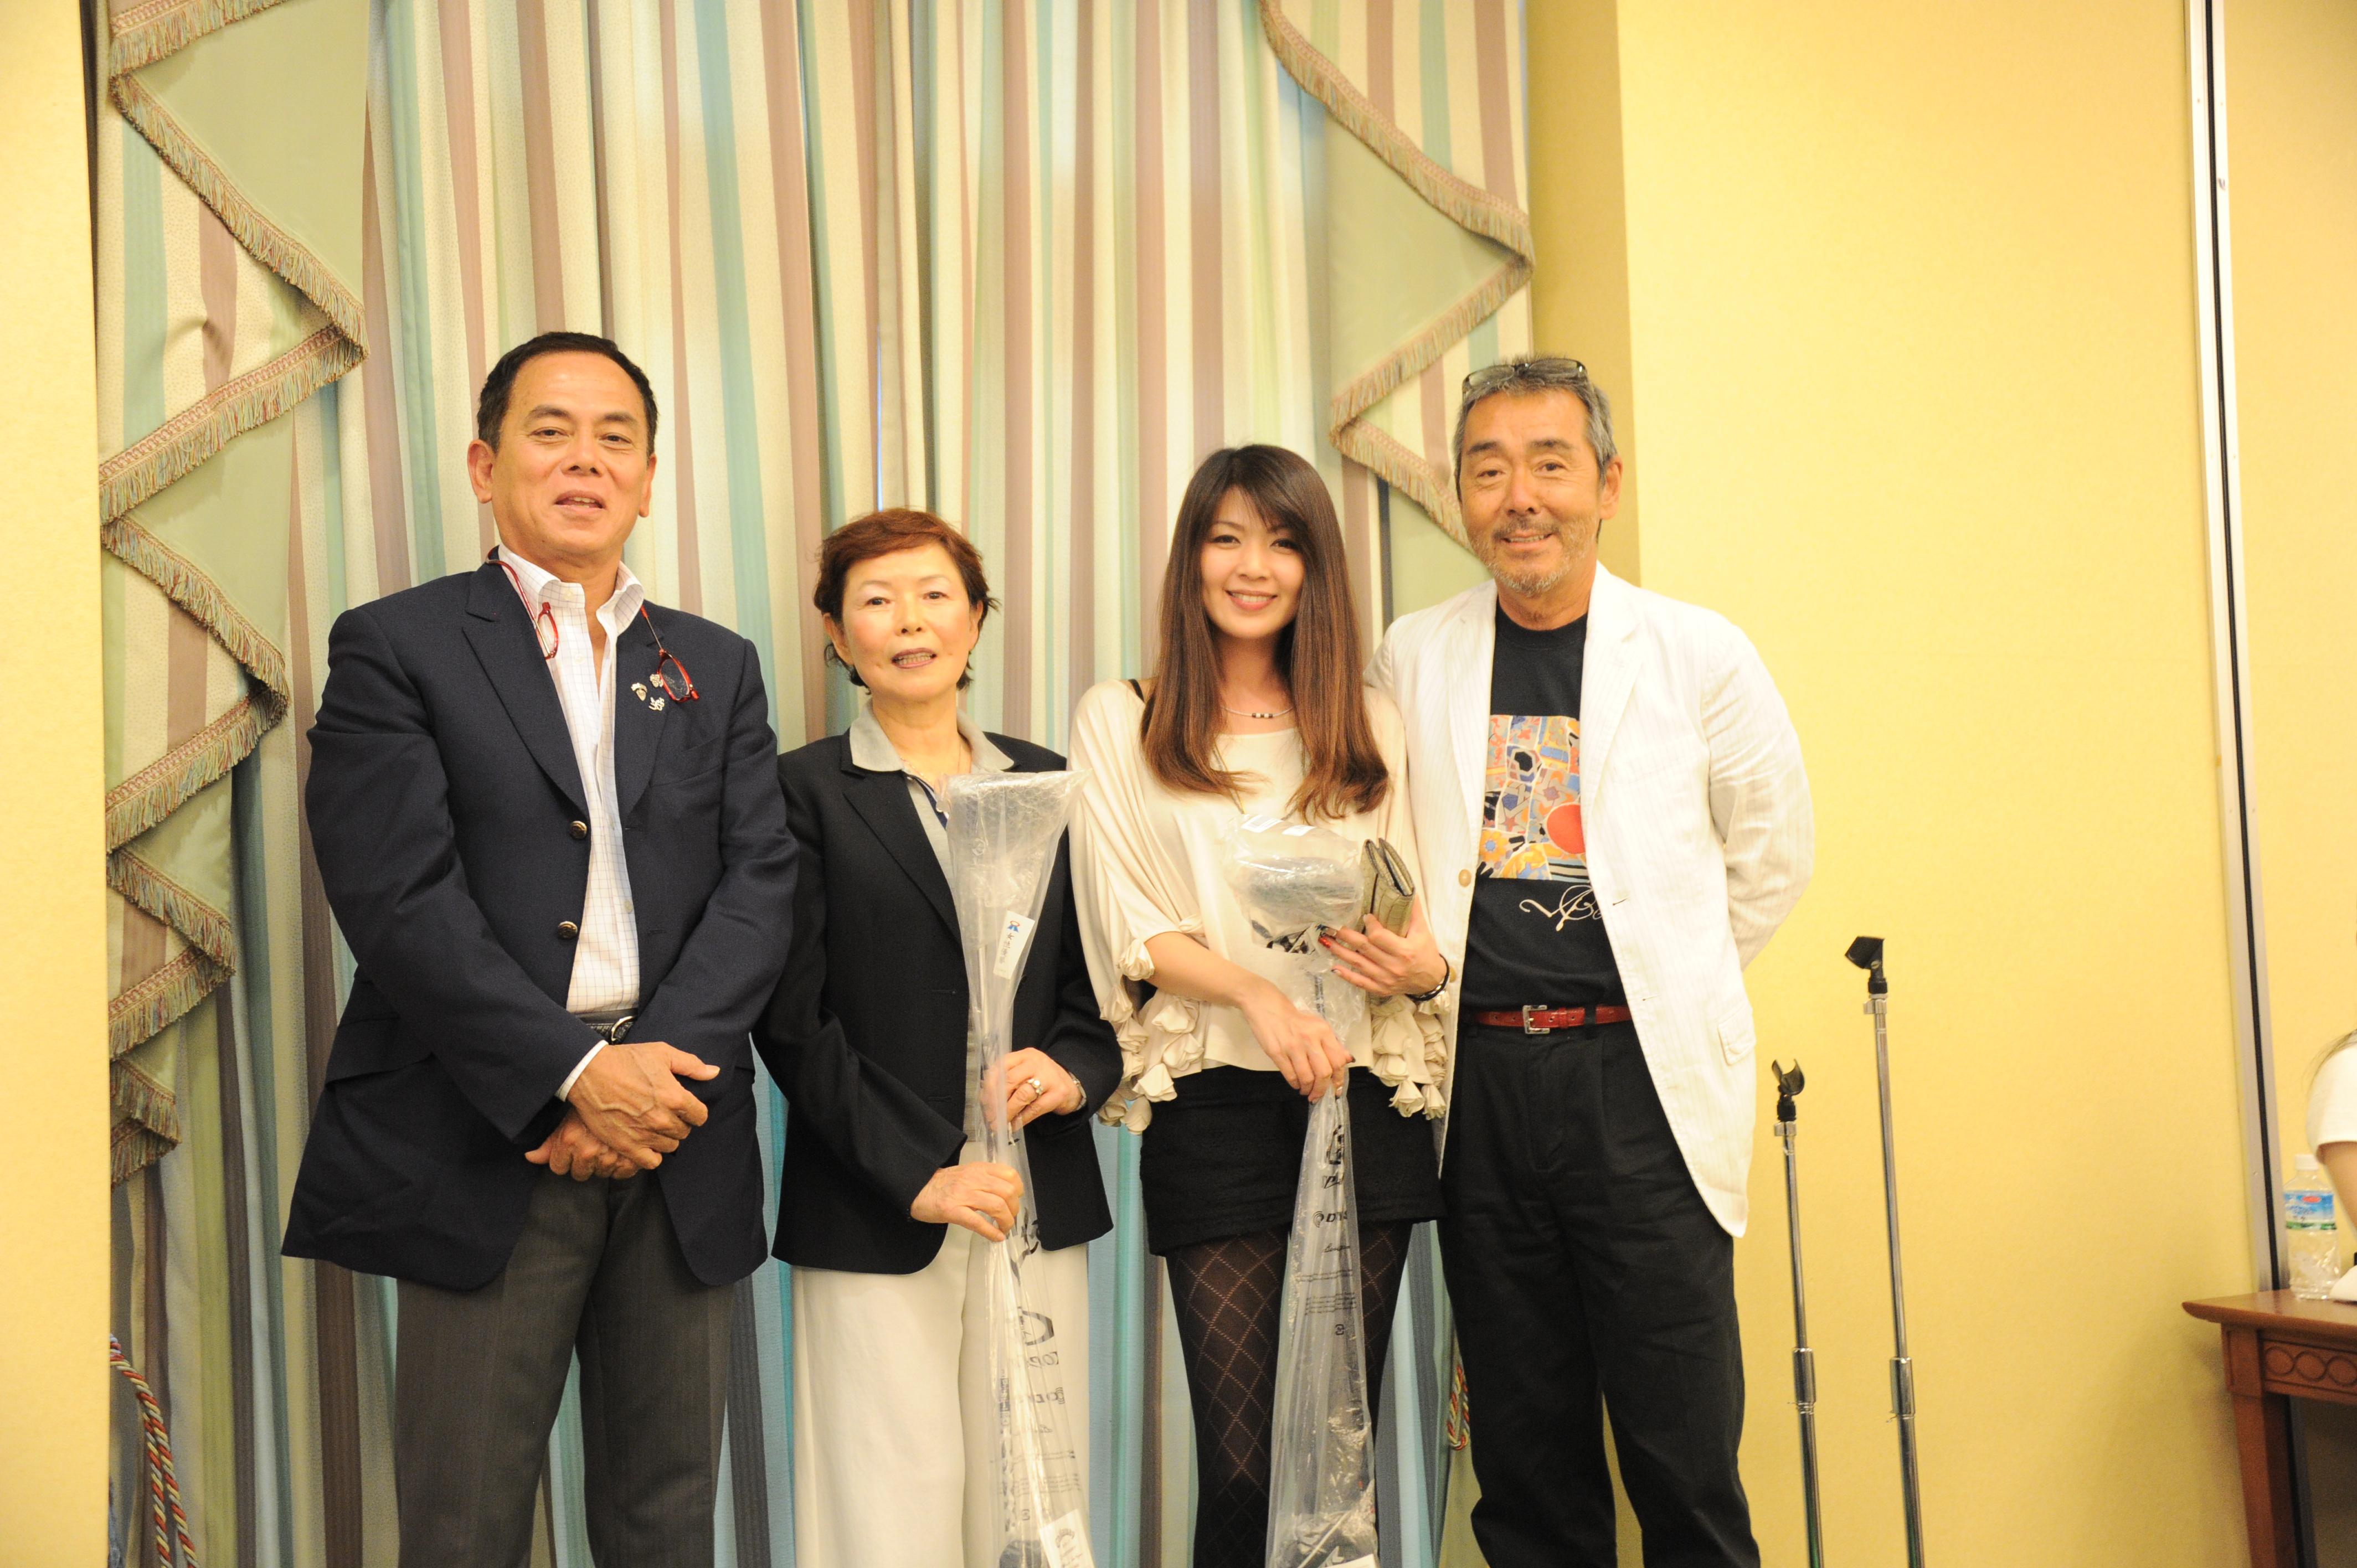 第4回チャリティーゴルフコンペ at 太平洋クラブ成田コース